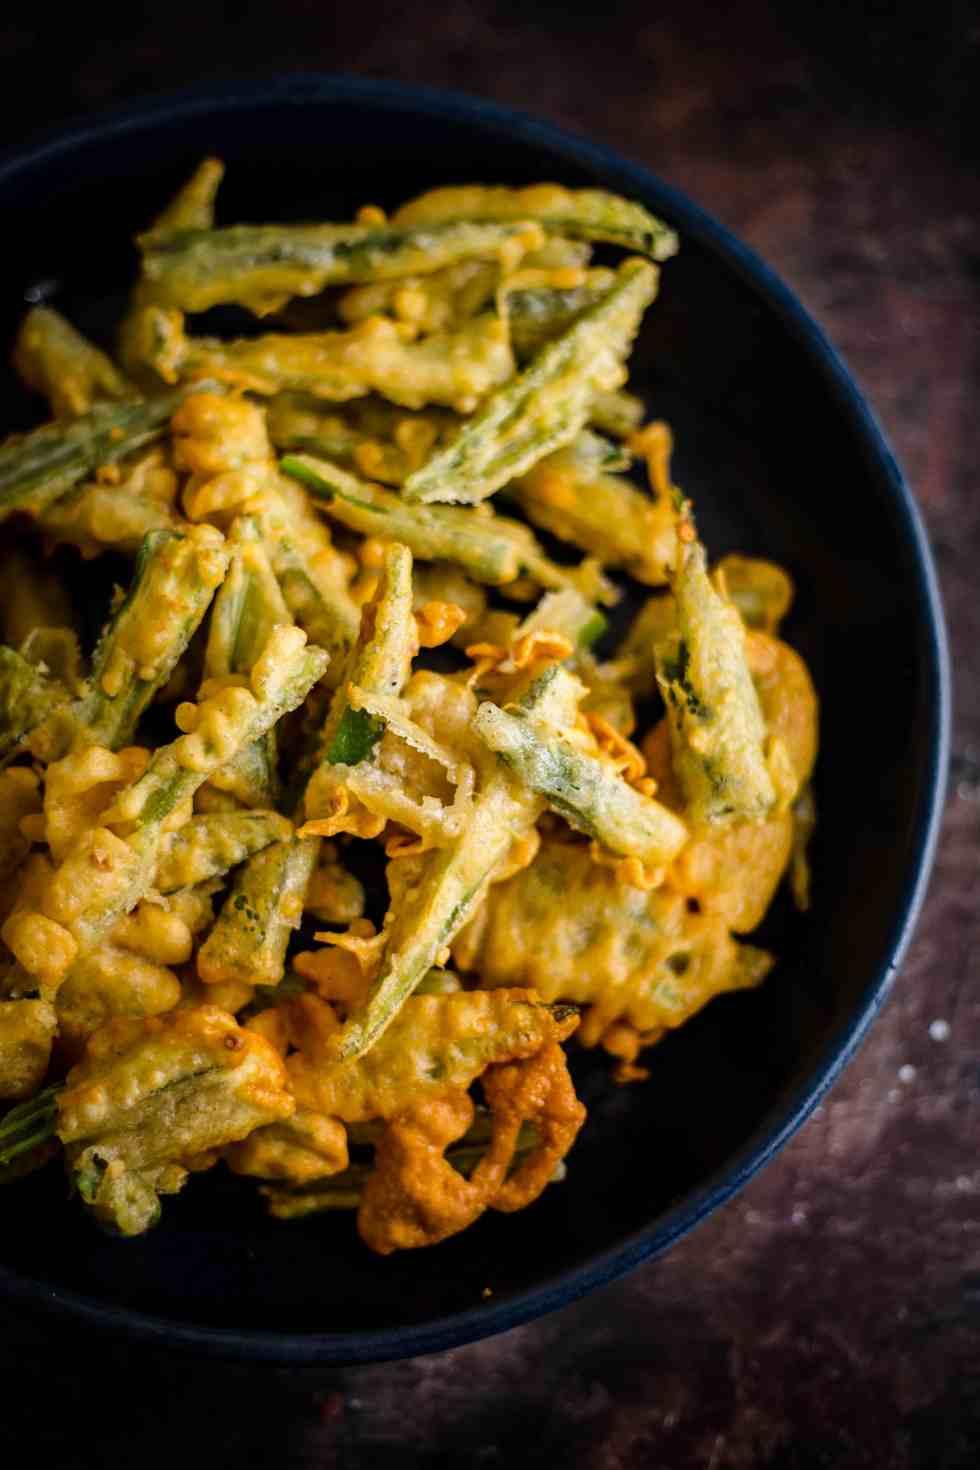 Okra Fries in batter in blue bowl